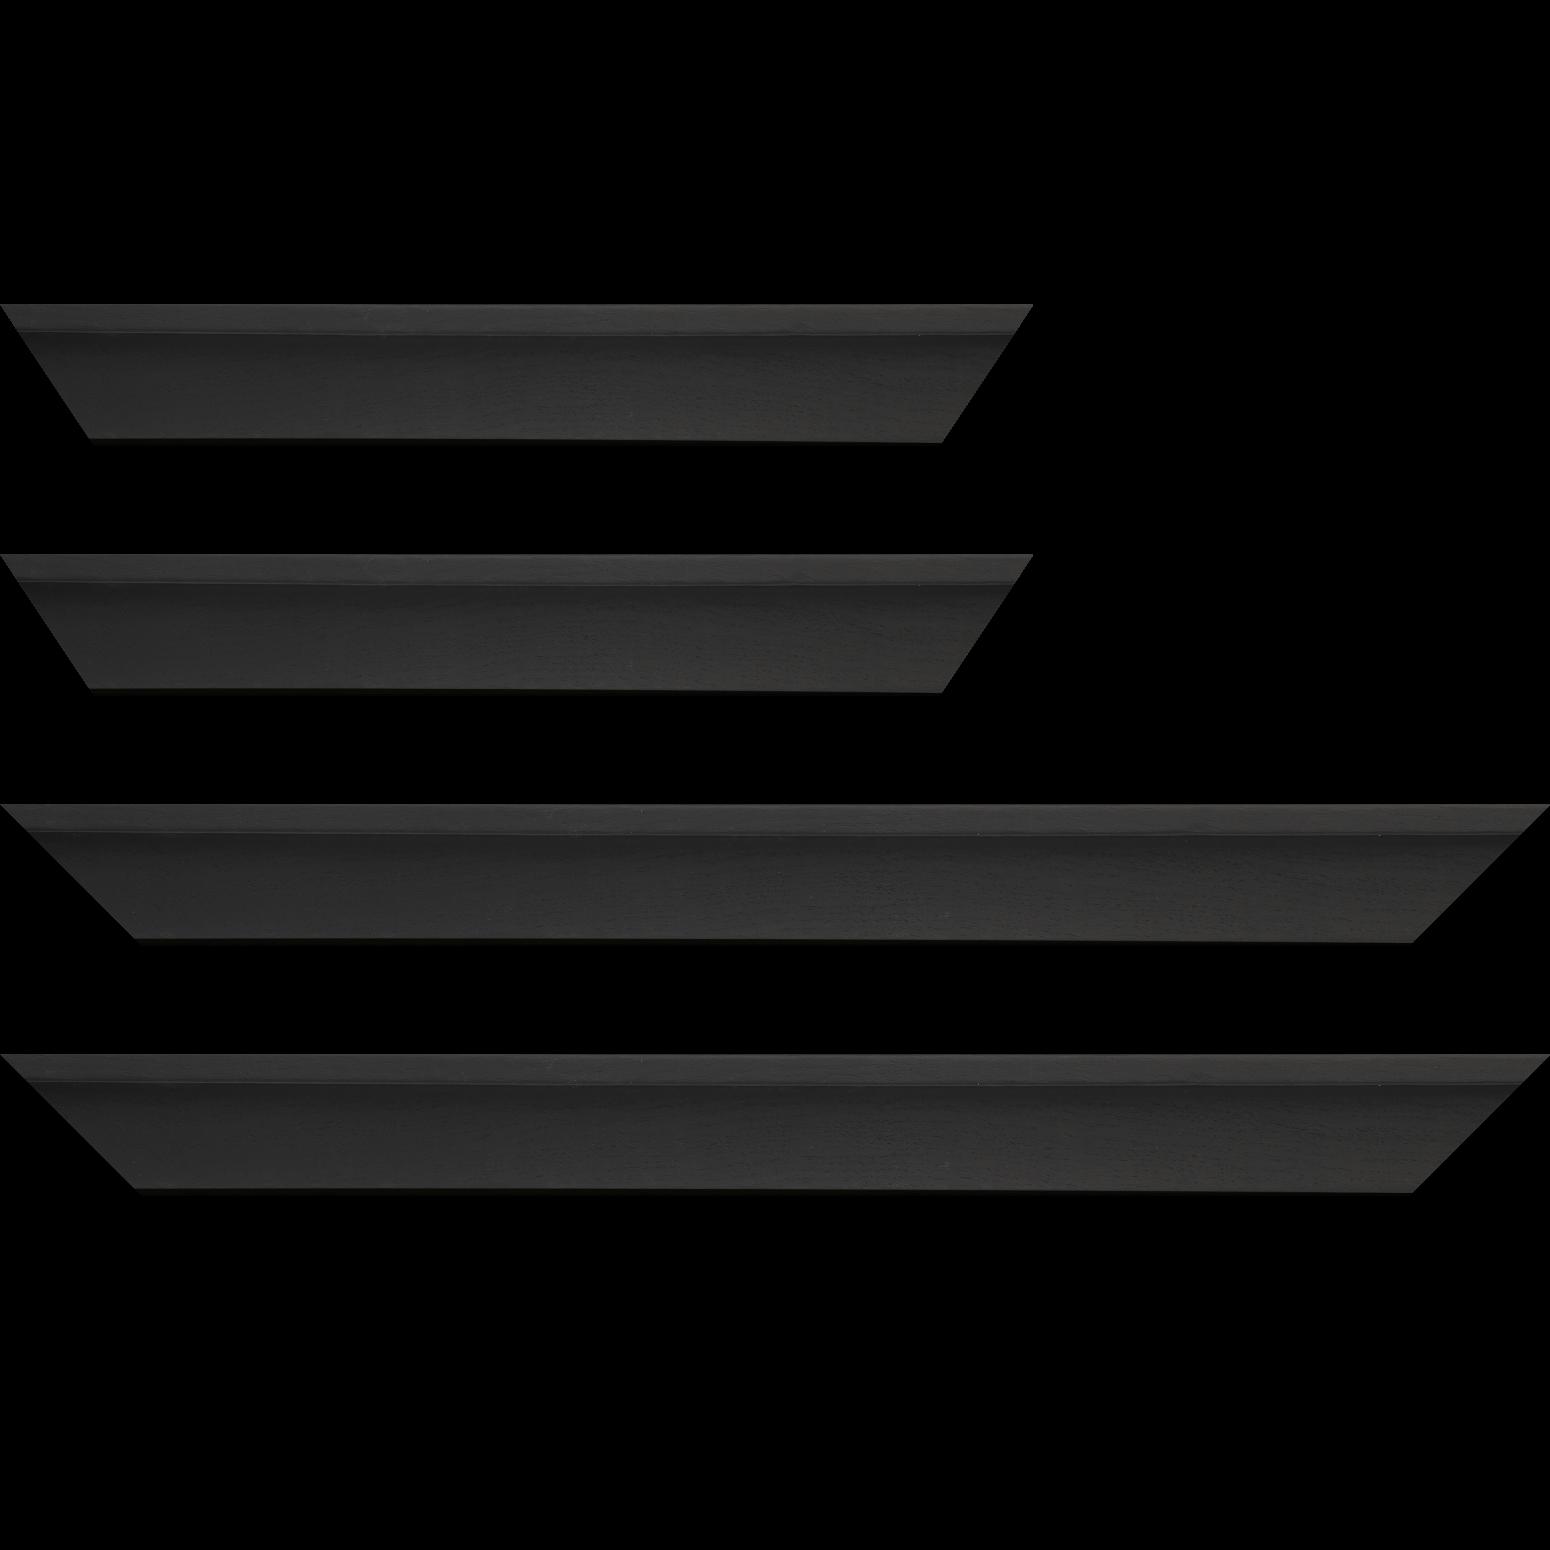 Baguette service précoupé Bois caisse américaine profil en L largeur 4.5cm placage haut de gamme chêne teinté noir (spécialement conçu pour les châssis d'une épaisseur jusqu'à 3.5cm ) information complémentaire : il faut renseigner la dimension précise de votre sujet et l'espace intérieur entre la toile et le cadre sera de 1.5cm